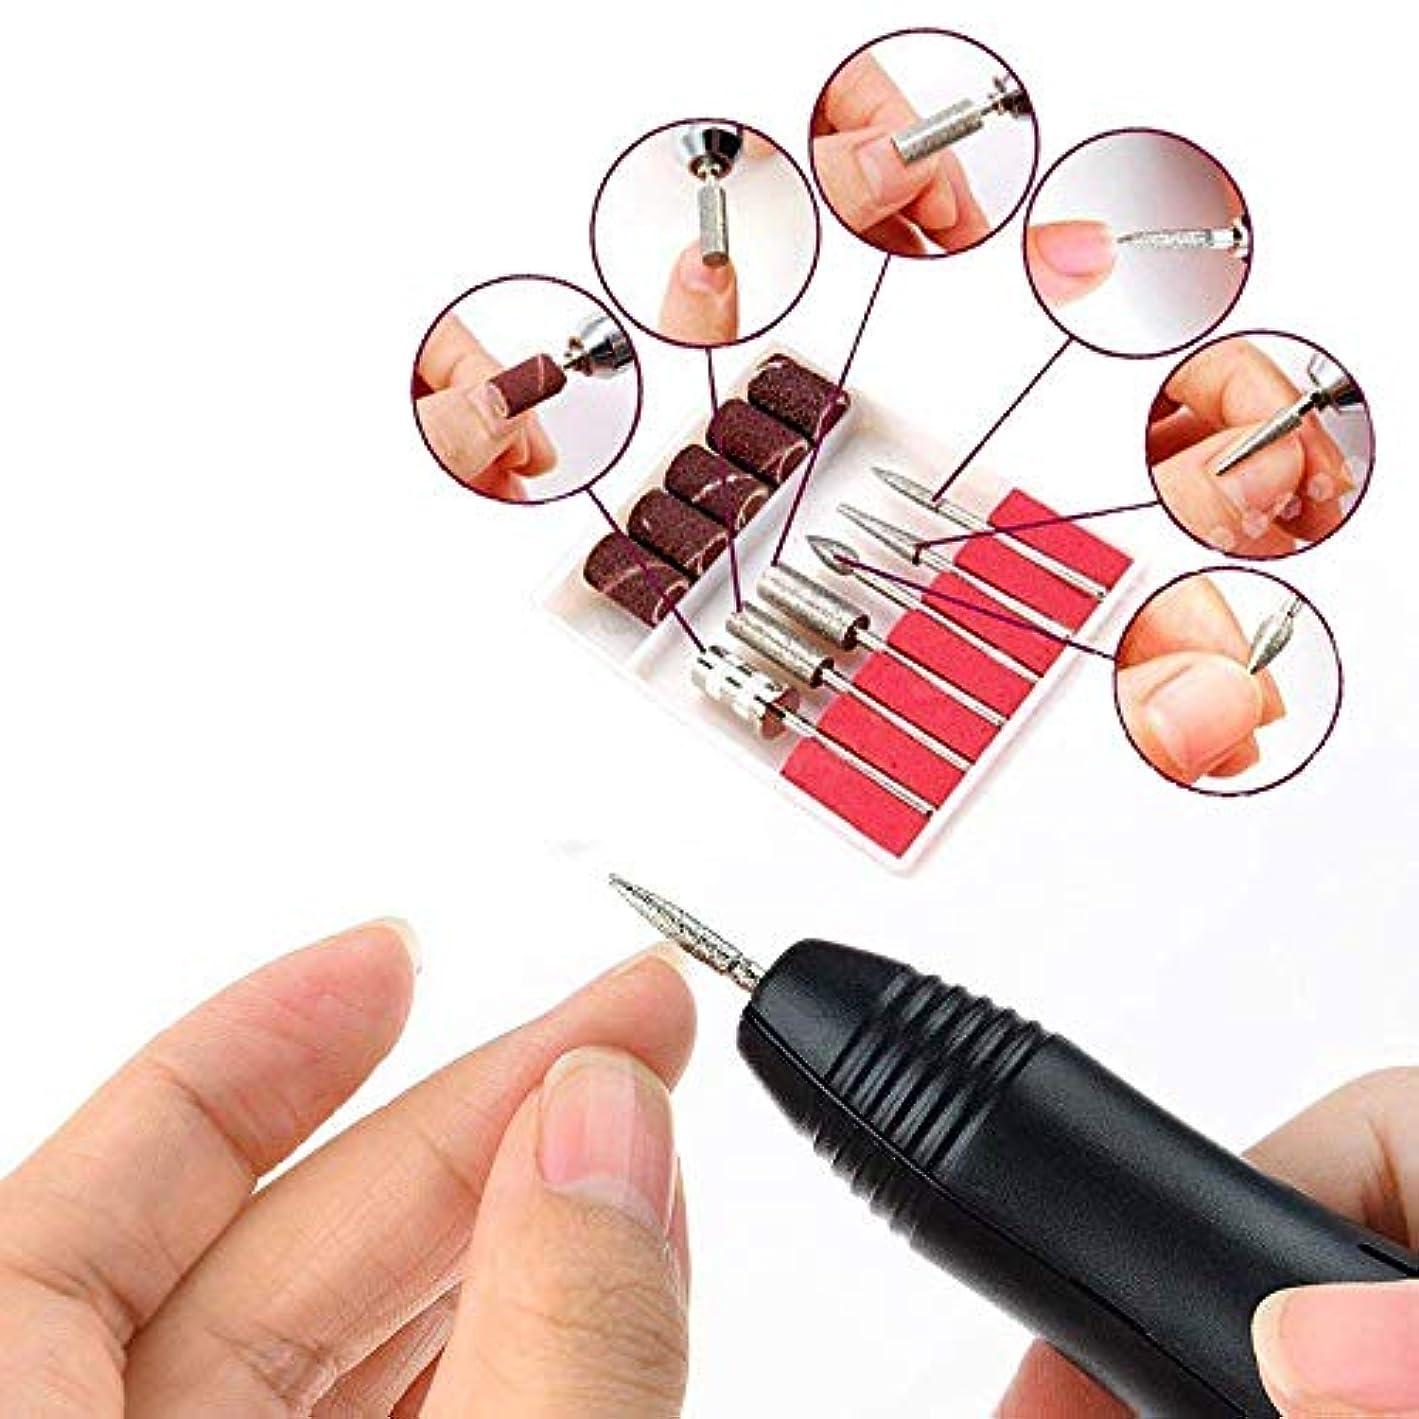 薬剤師関連する真珠のような電気ネイルドリルマシン、キット20000RPM電気は6つの研削ヘッドと釘グラインダーマニキュアネイルアートツールのファイルを設定ネイルファイルドリル